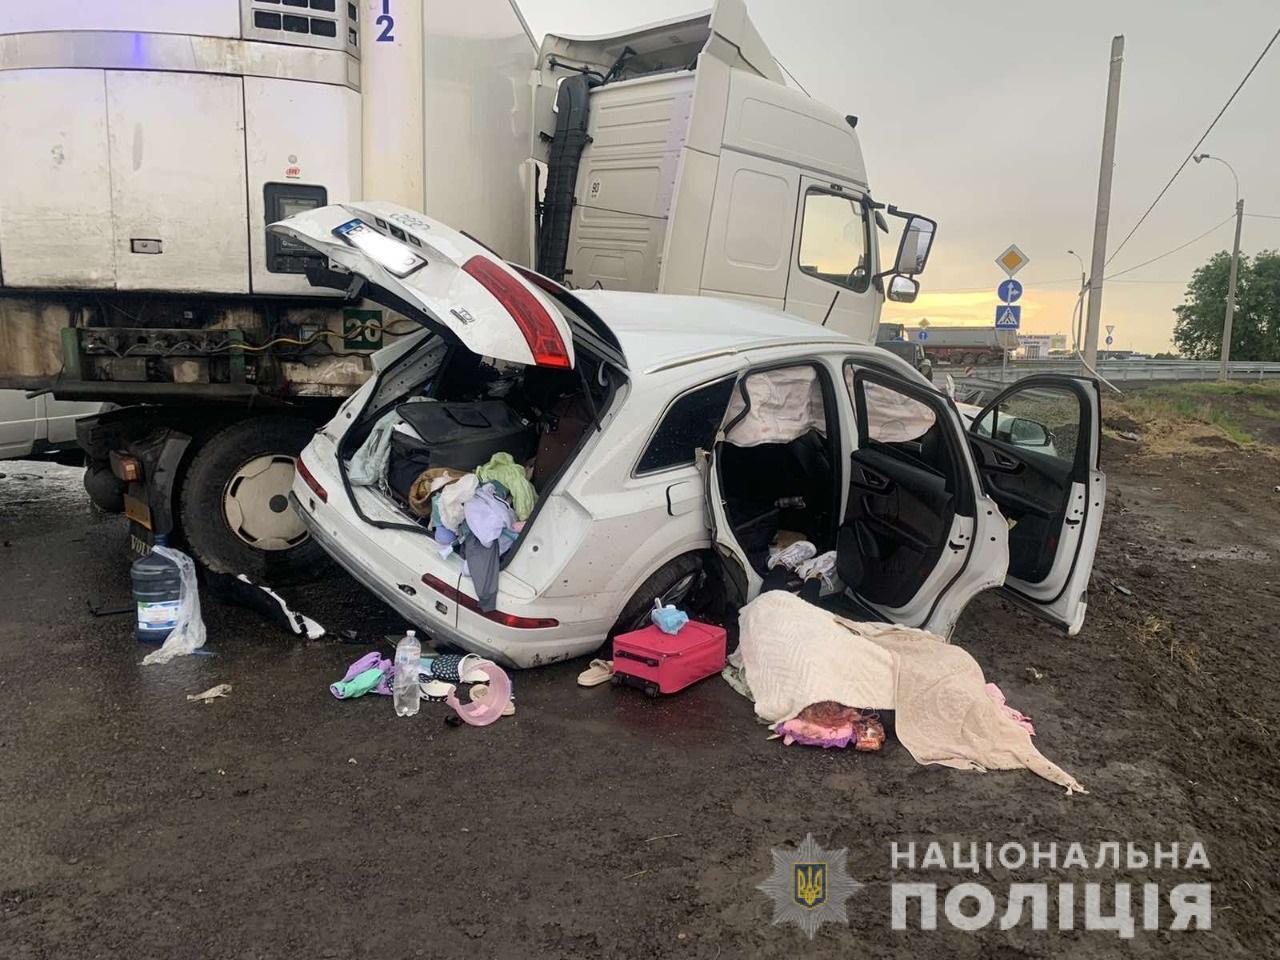 """На Херсонщині в ДТП загинув """"свободівець"""" із сім'єю: одну дитину рятують лікарі. Фото"""